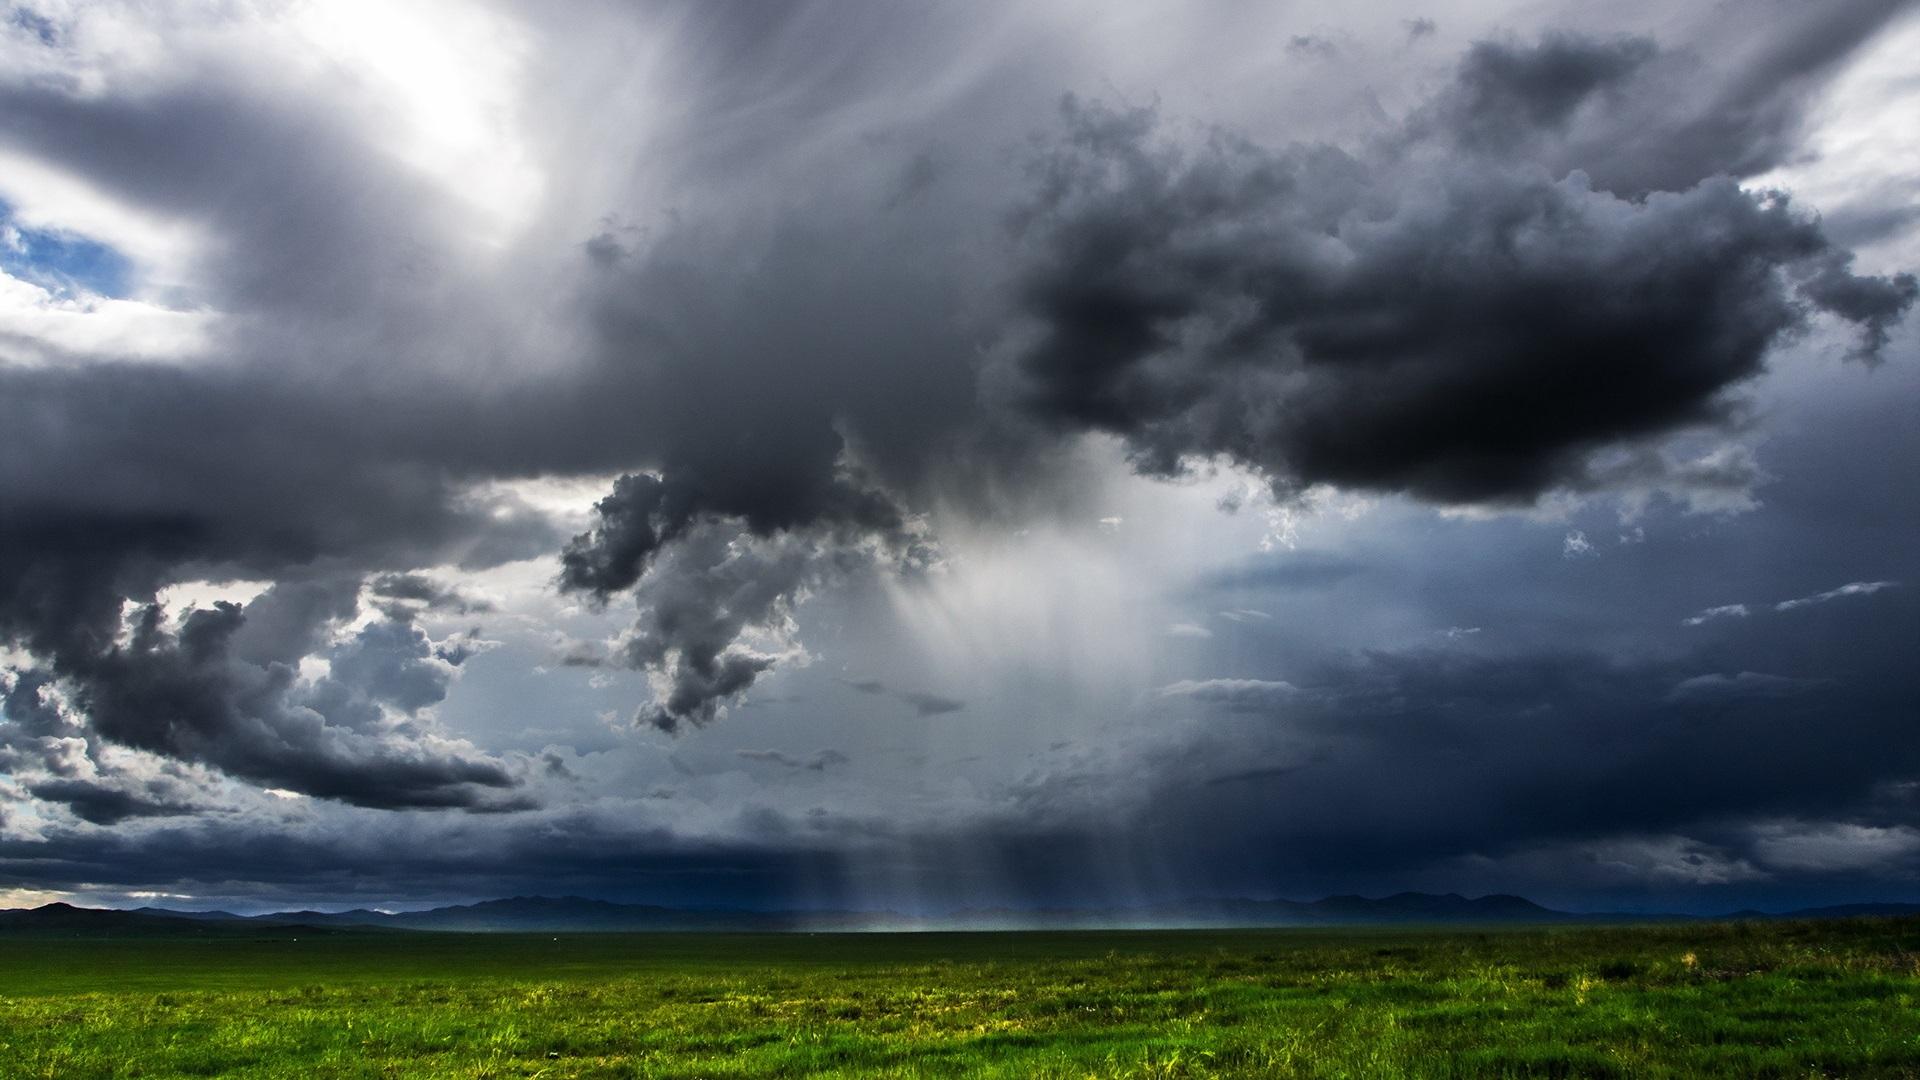 Hd wallpaper rain - Mongolia Campos Verdes Oscuras Nubes Lluvia Fondos De